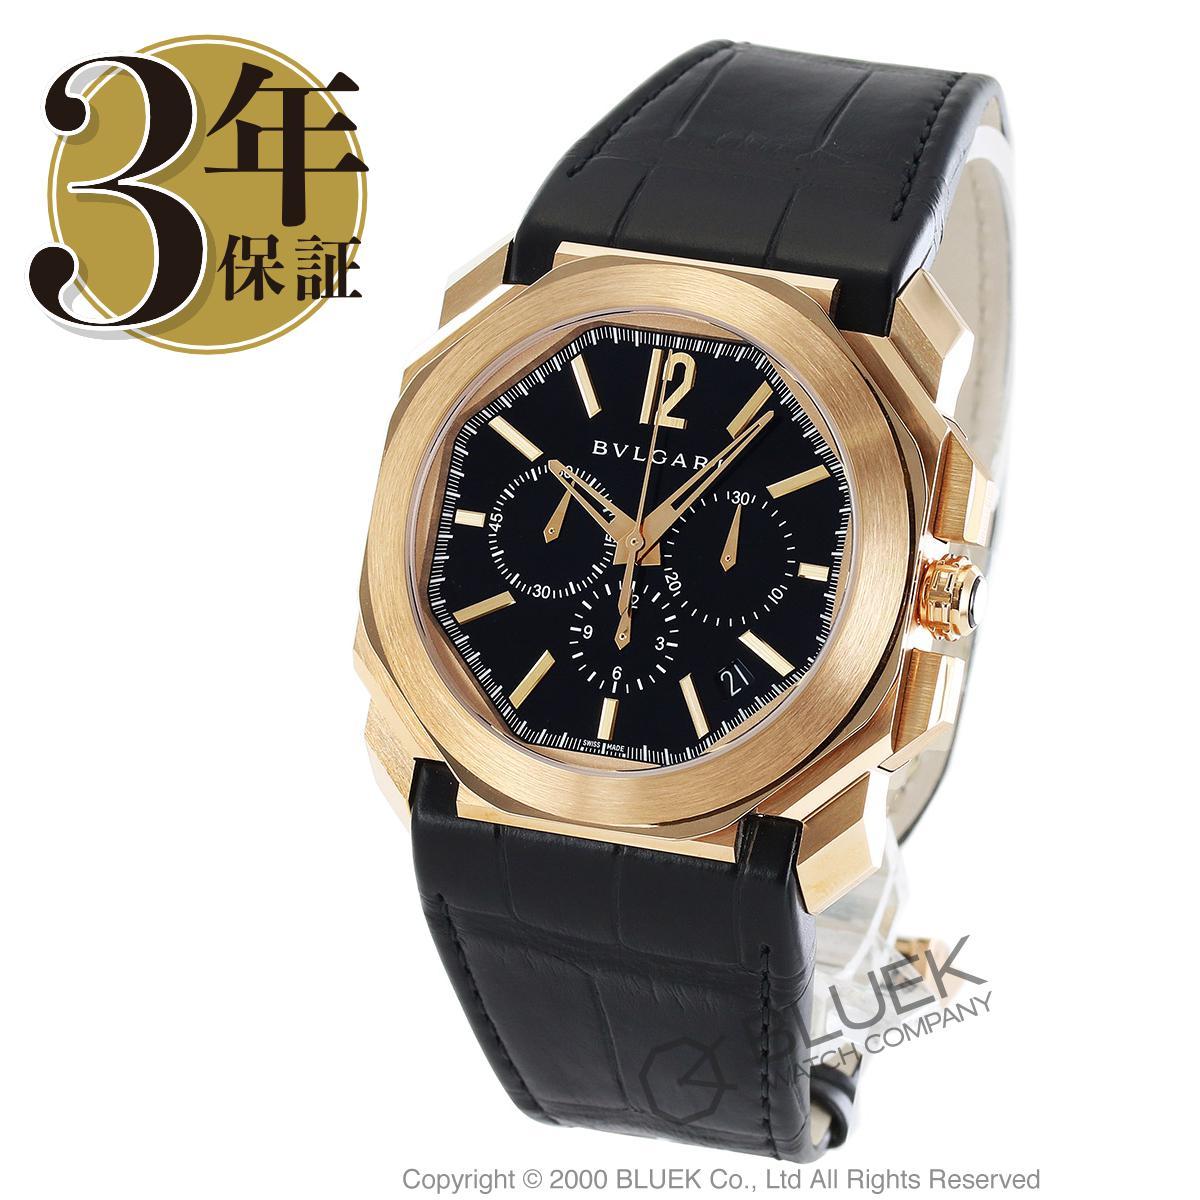 ブルガリ オクト ヴェロチッシモ クロノグラフ PG金無垢 アリゲーターレザー 腕時計 メンズ BVLGARI BGOP41BGLDCH_8